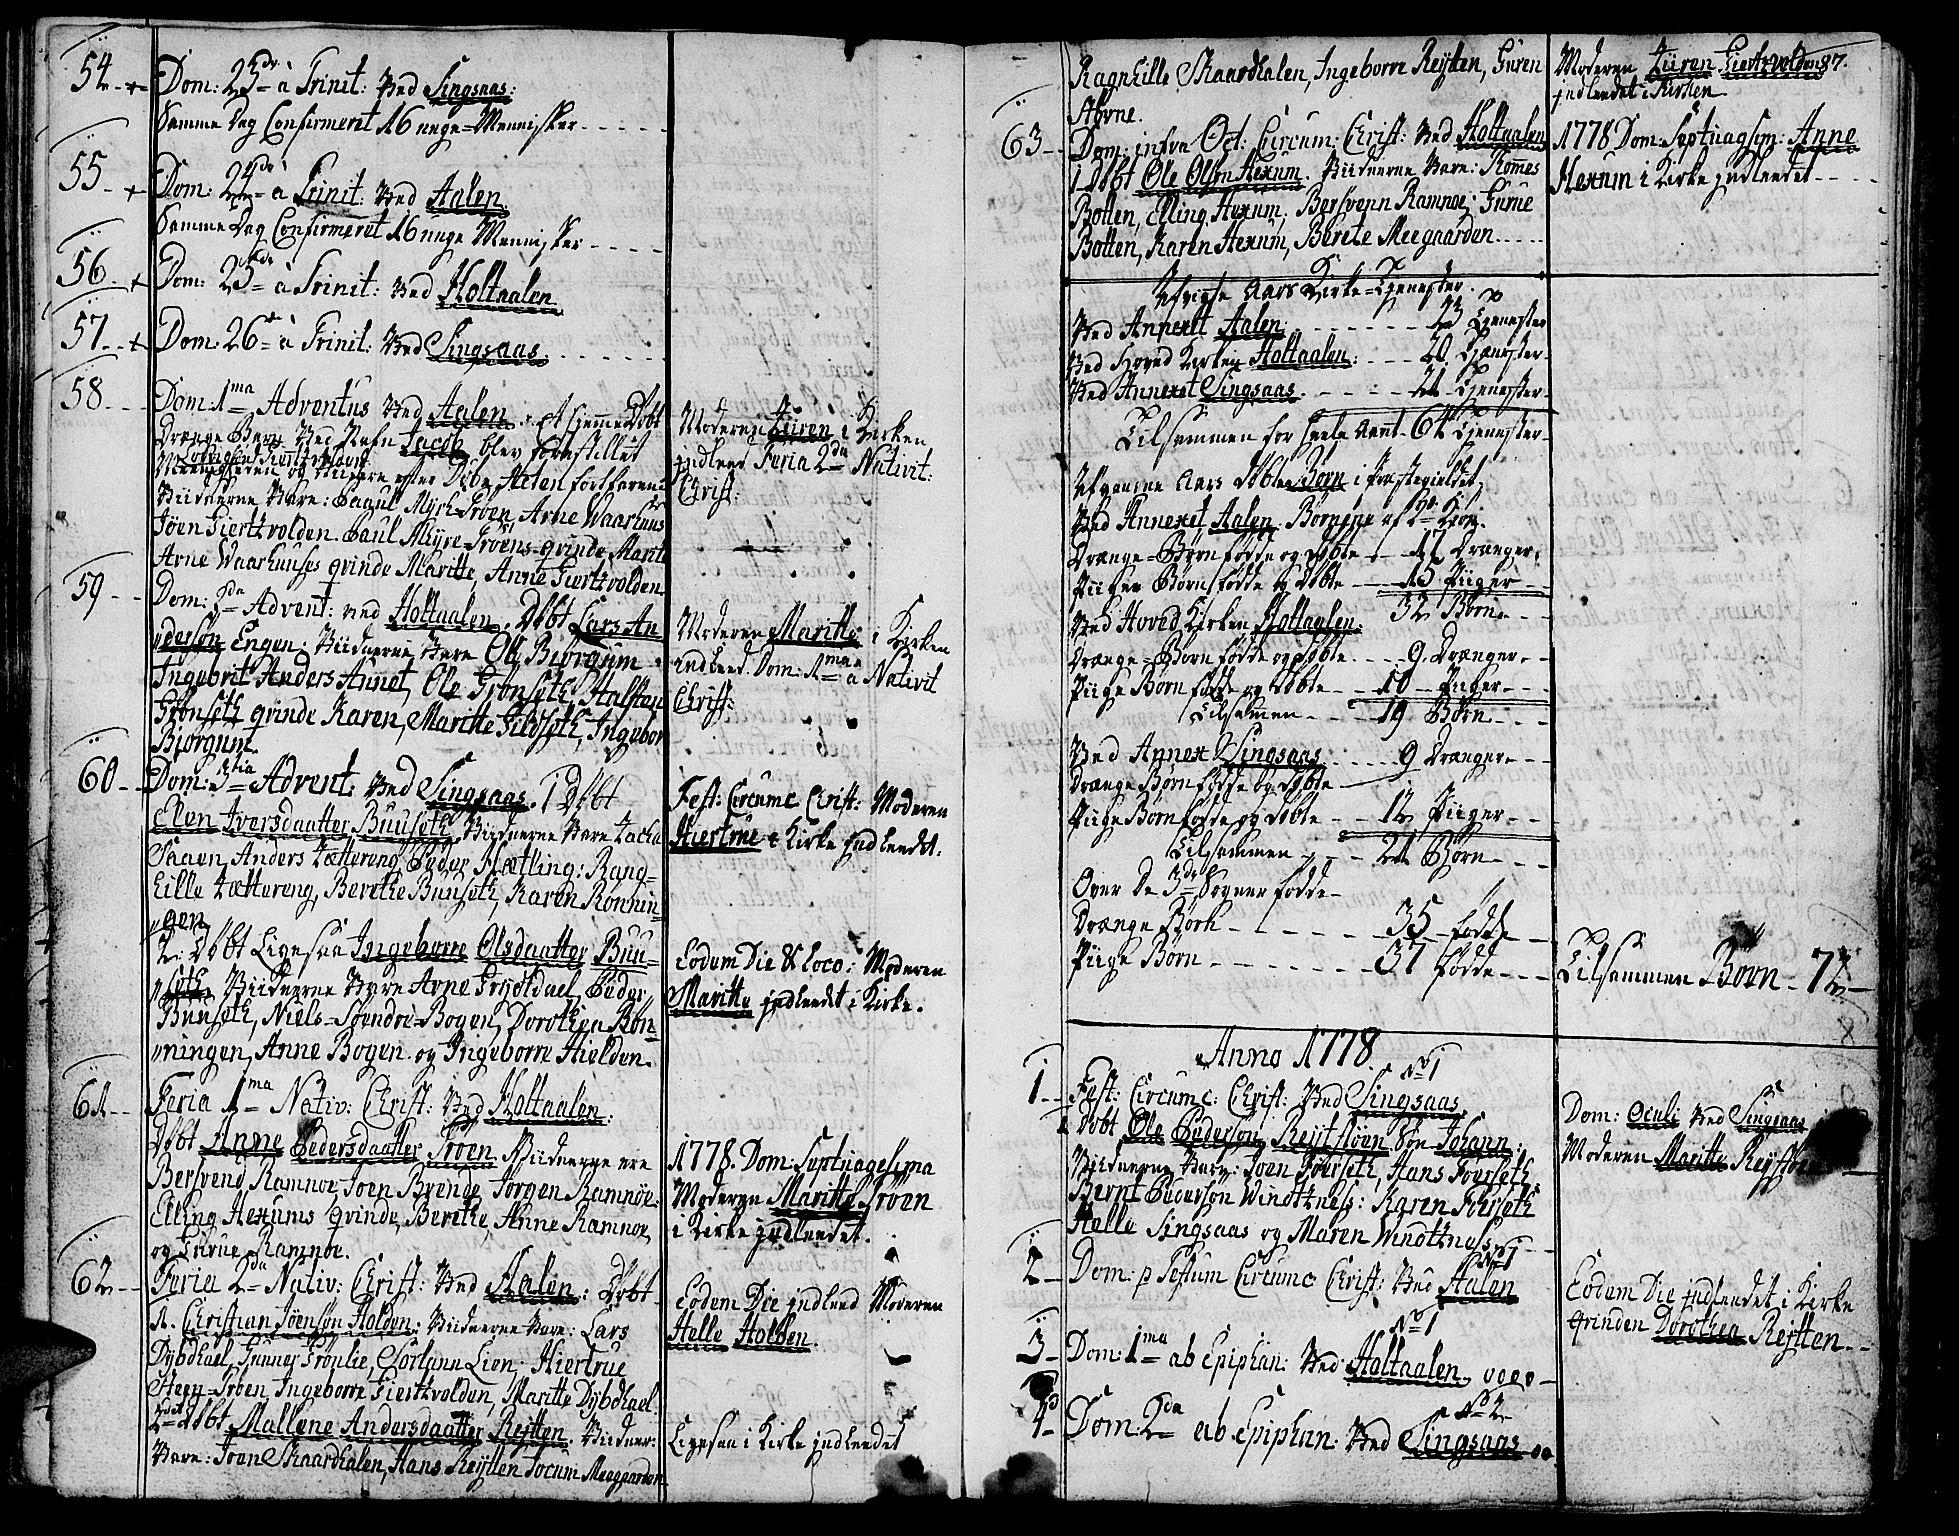 SAT, Ministerialprotokoller, klokkerbøker og fødselsregistre - Sør-Trøndelag, 685/L0952: Ministerialbok nr. 685A01, 1745-1804, s. 87